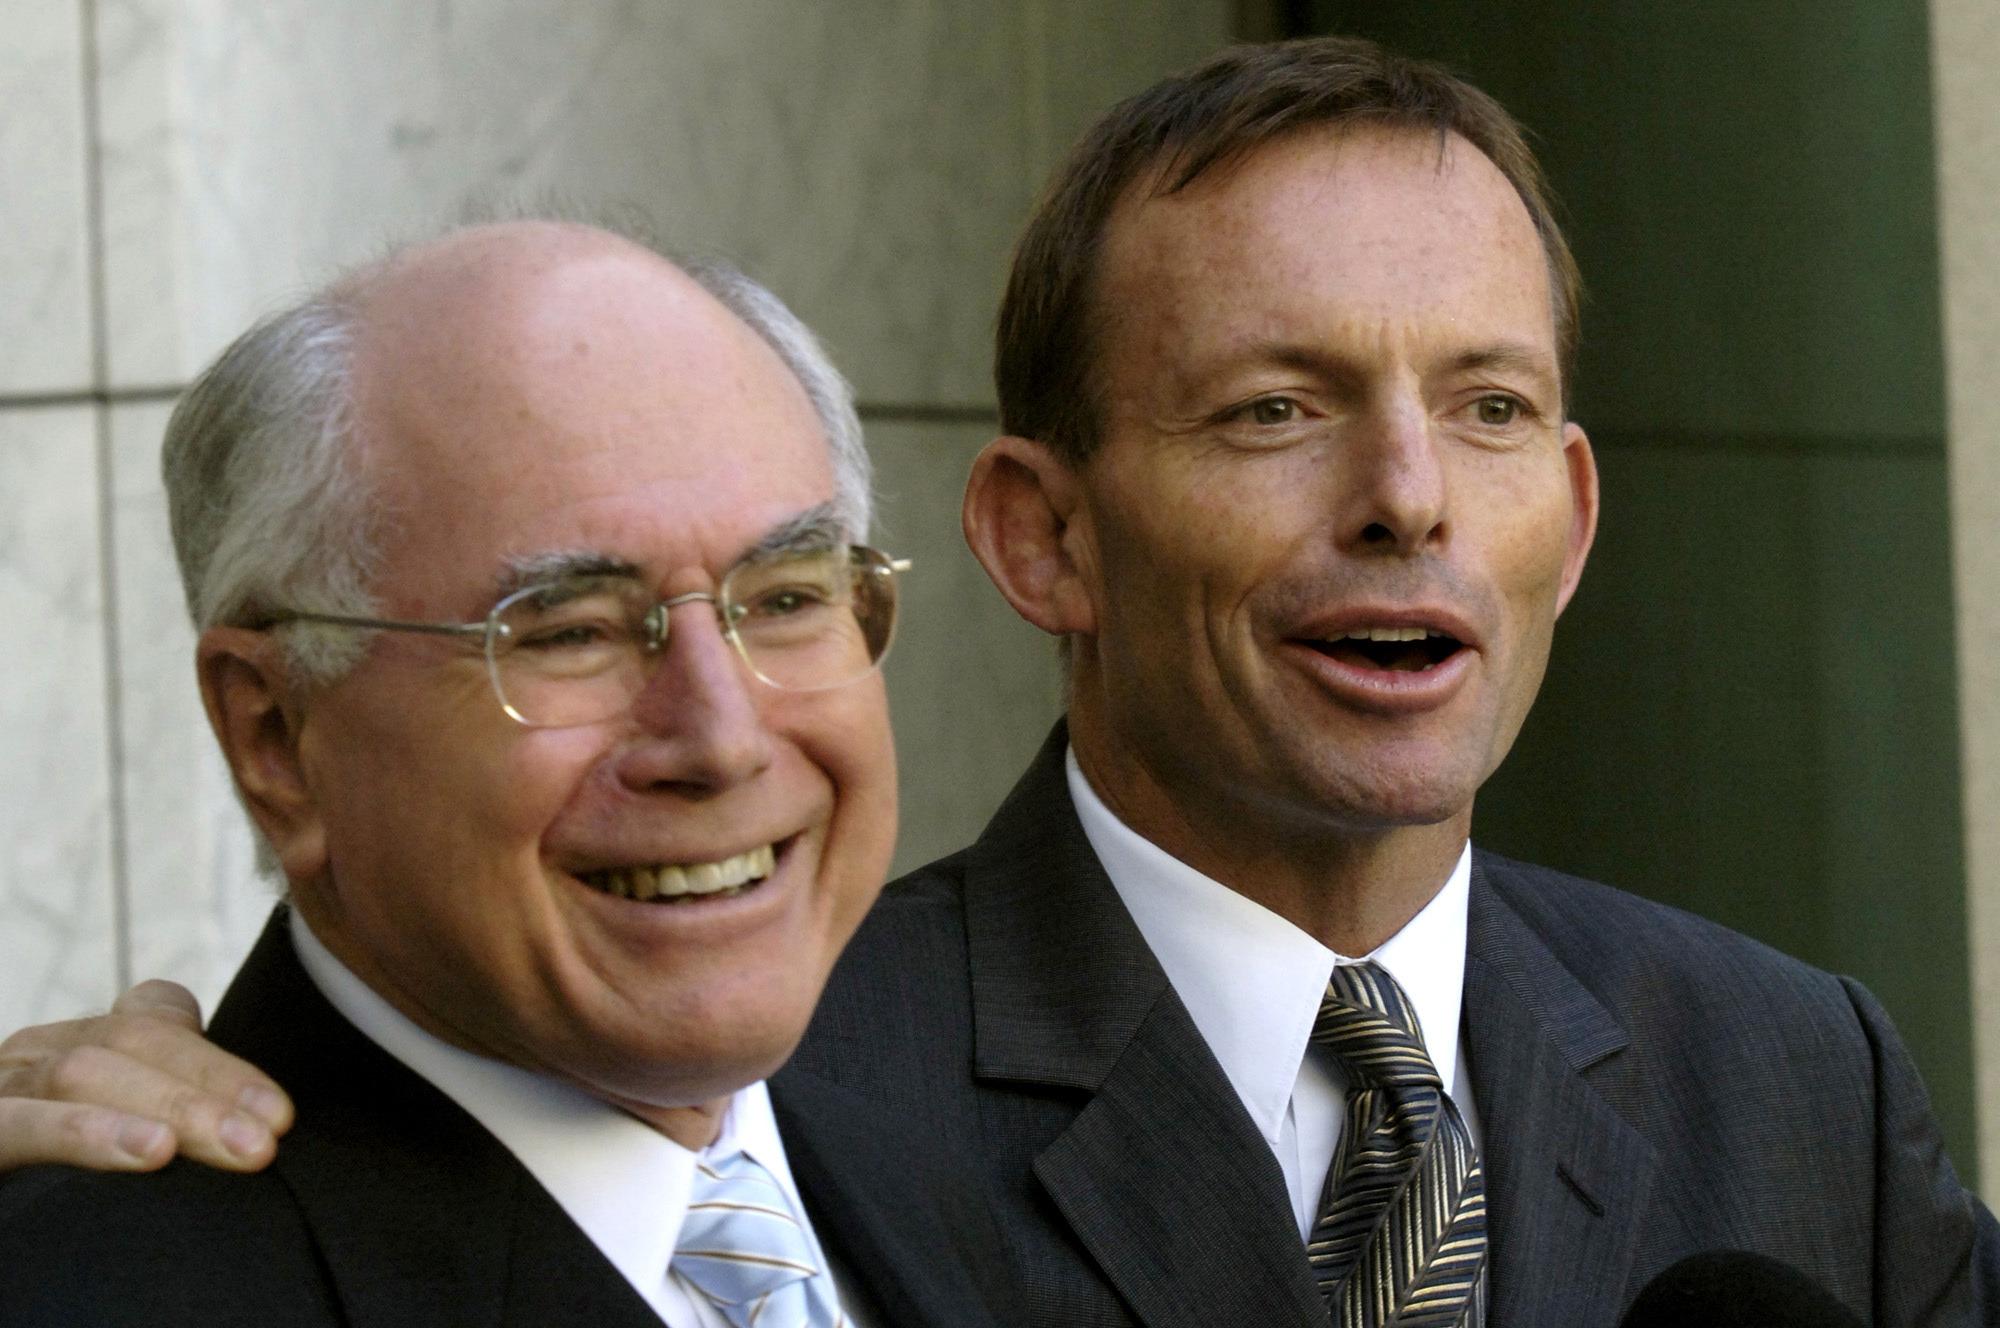 John Howard (left) with Tony Abbott in 2006. Photo: AAP/Alan Porritt